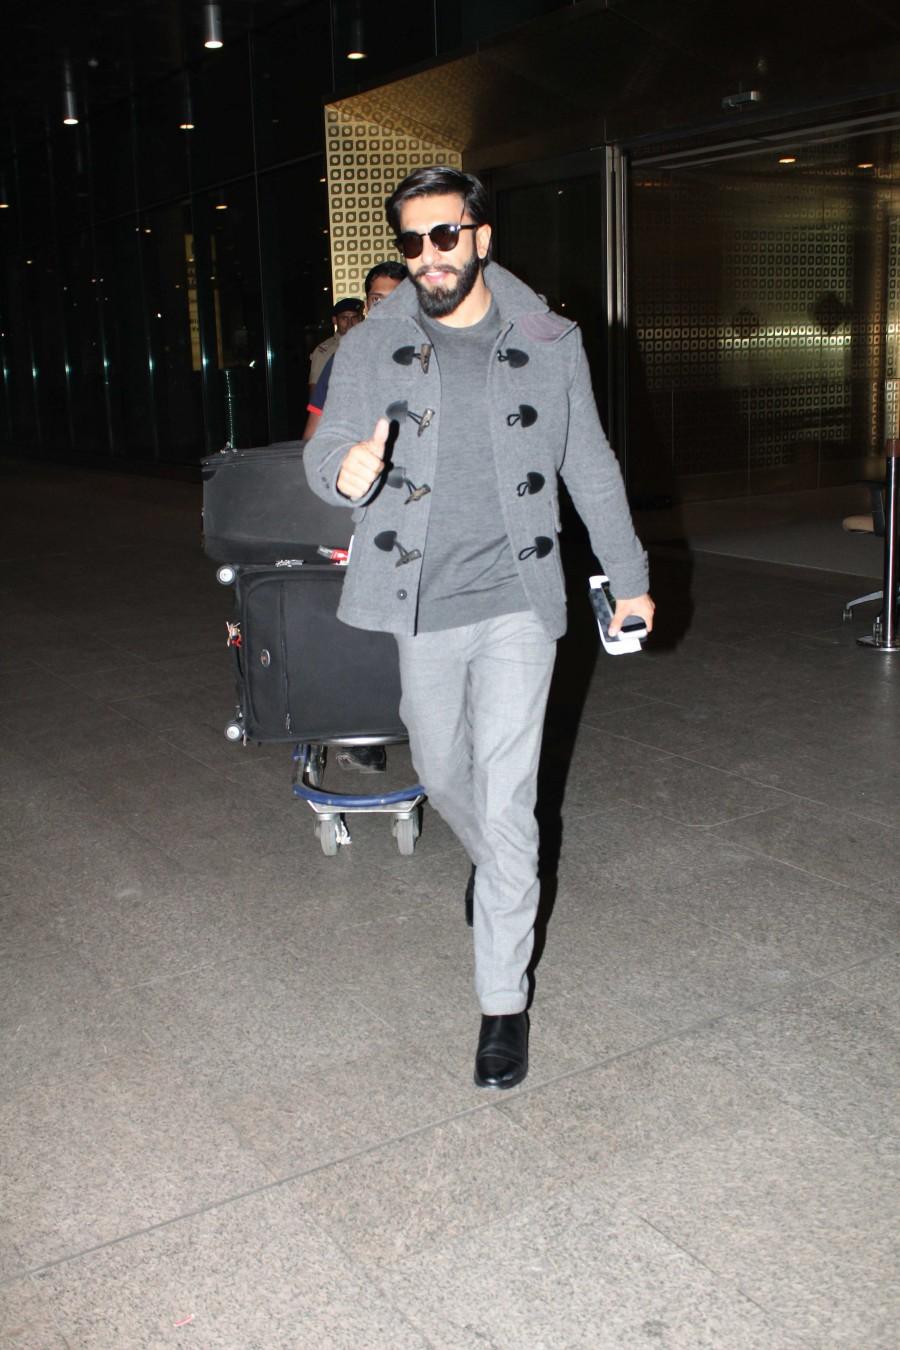 Ranveer Singh,Ranveer Singh returns from London,Ranveer Singh returns London,Ranveer Singh latest pics,Ranveer Singh latest images,Ranveer Singh latest photos,Ranveer Singh latest stills,Ranveer Singh latest pictures